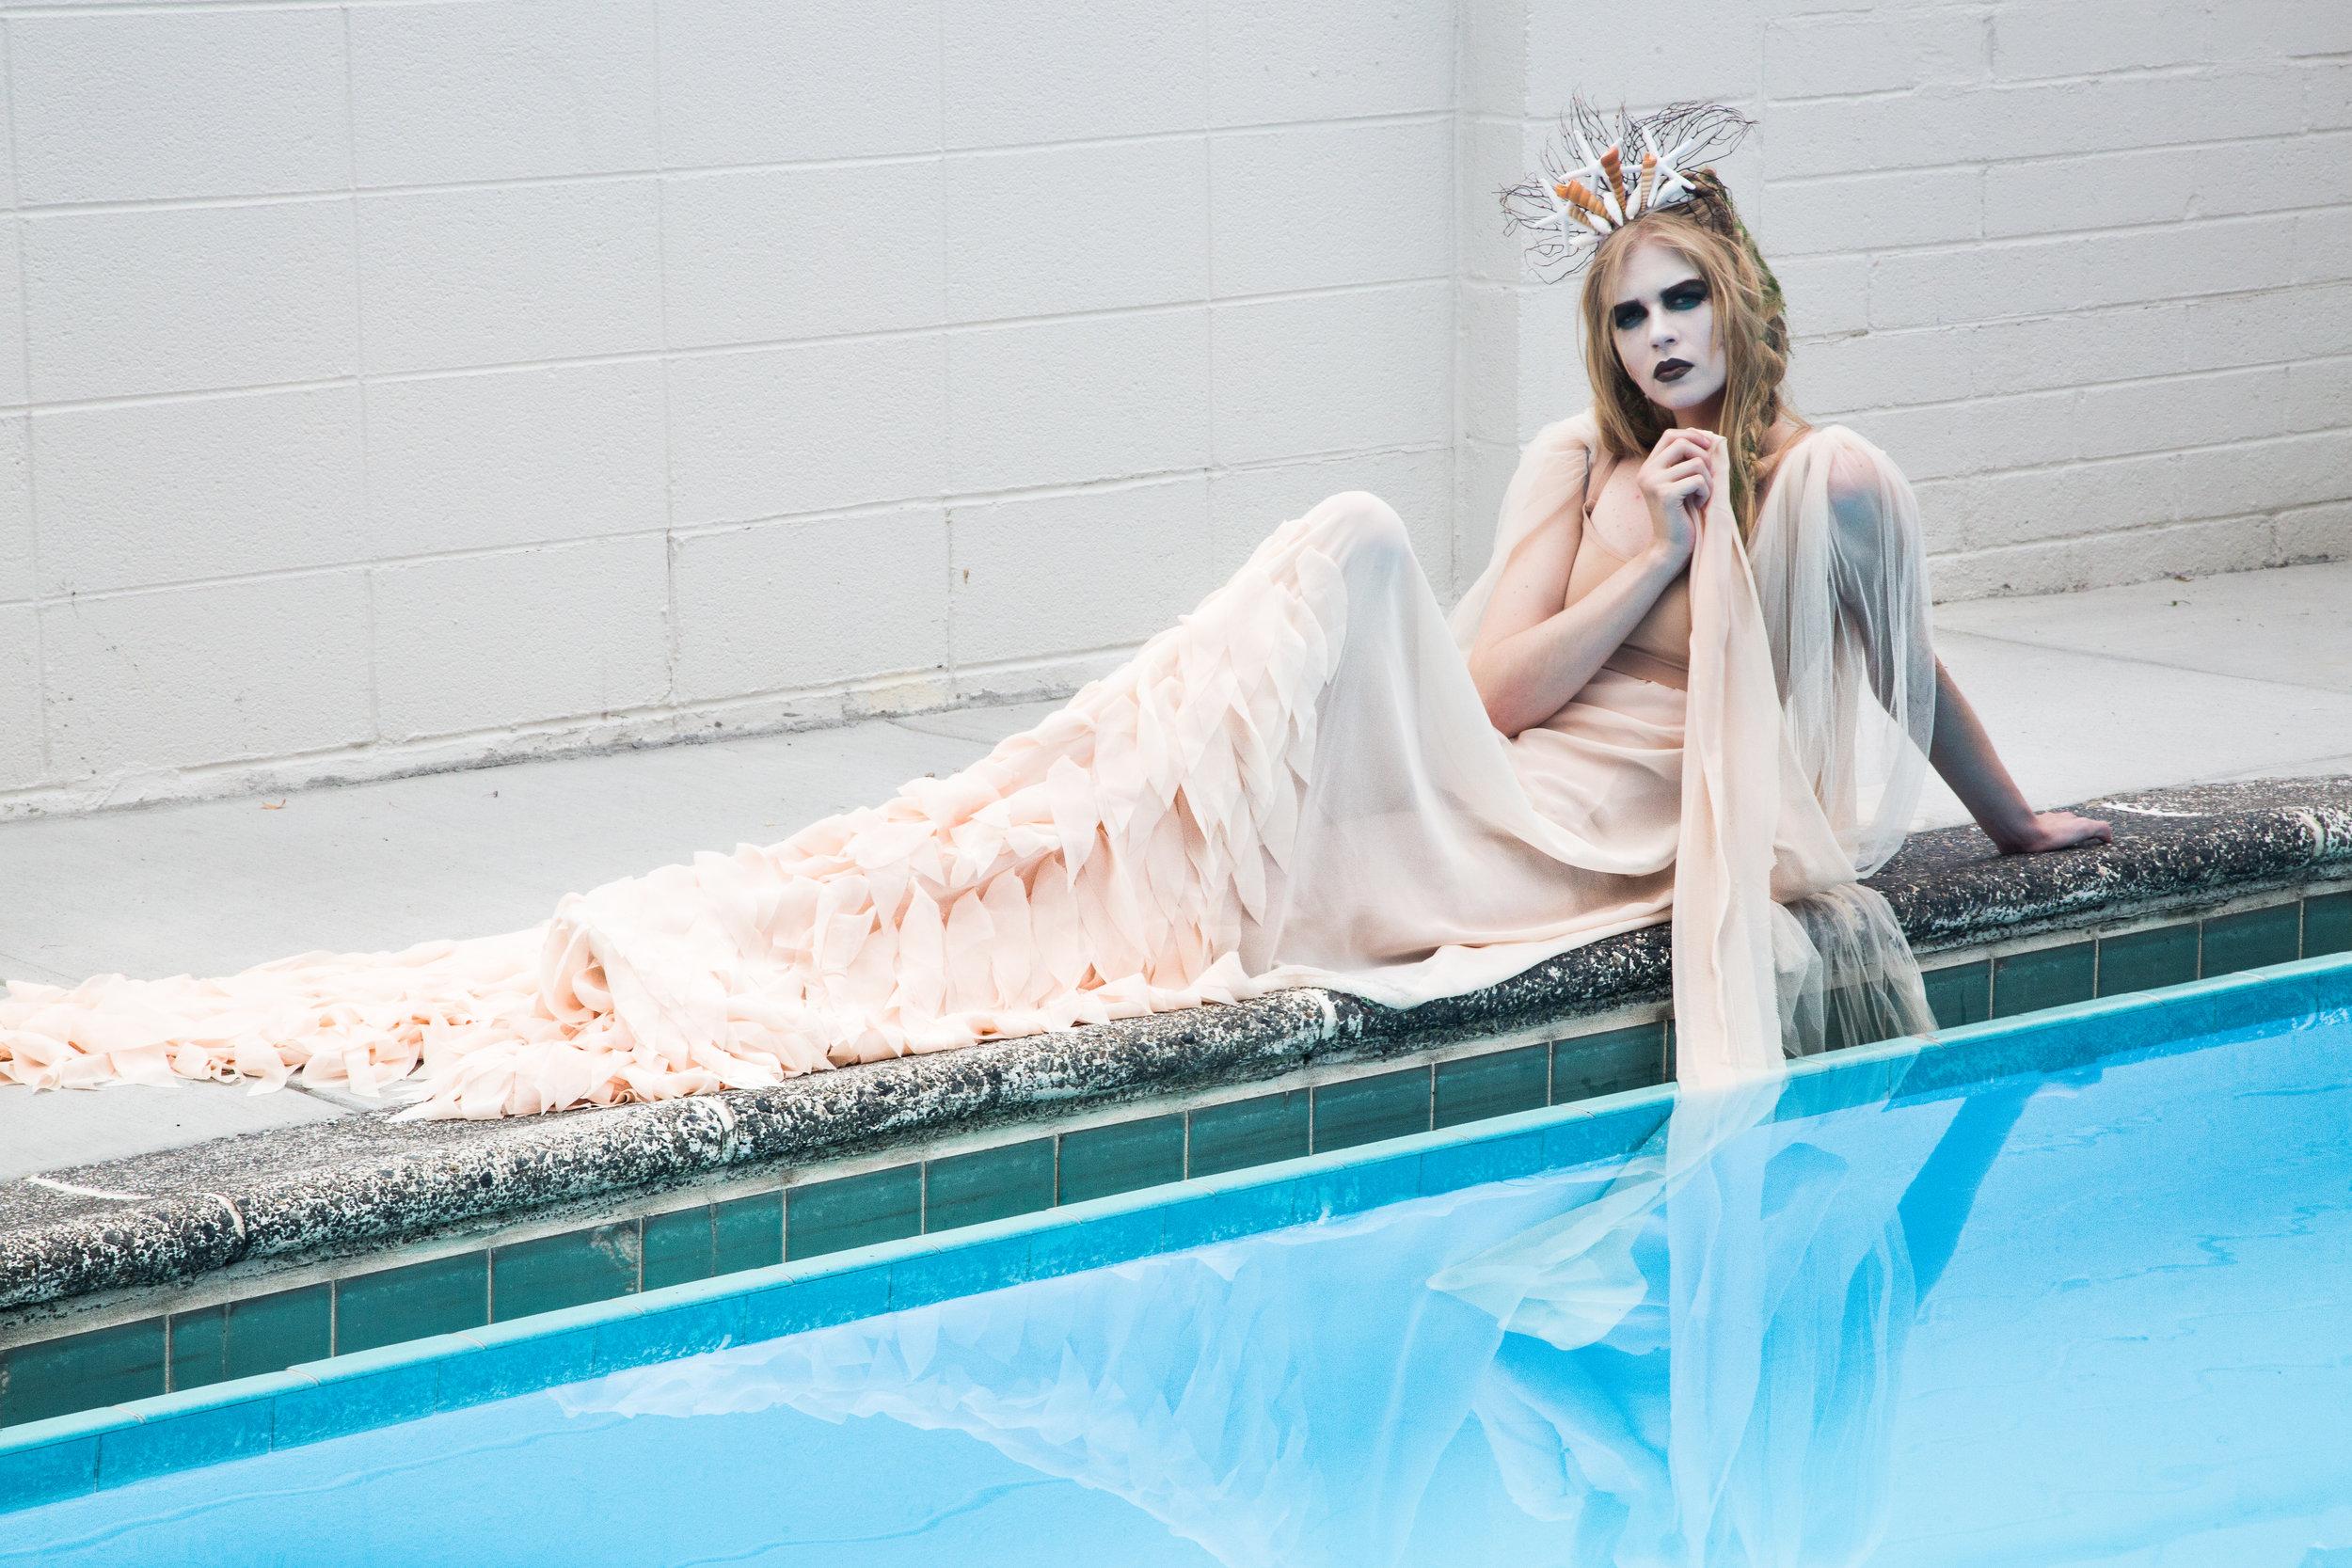 Mermaid-46.jpg